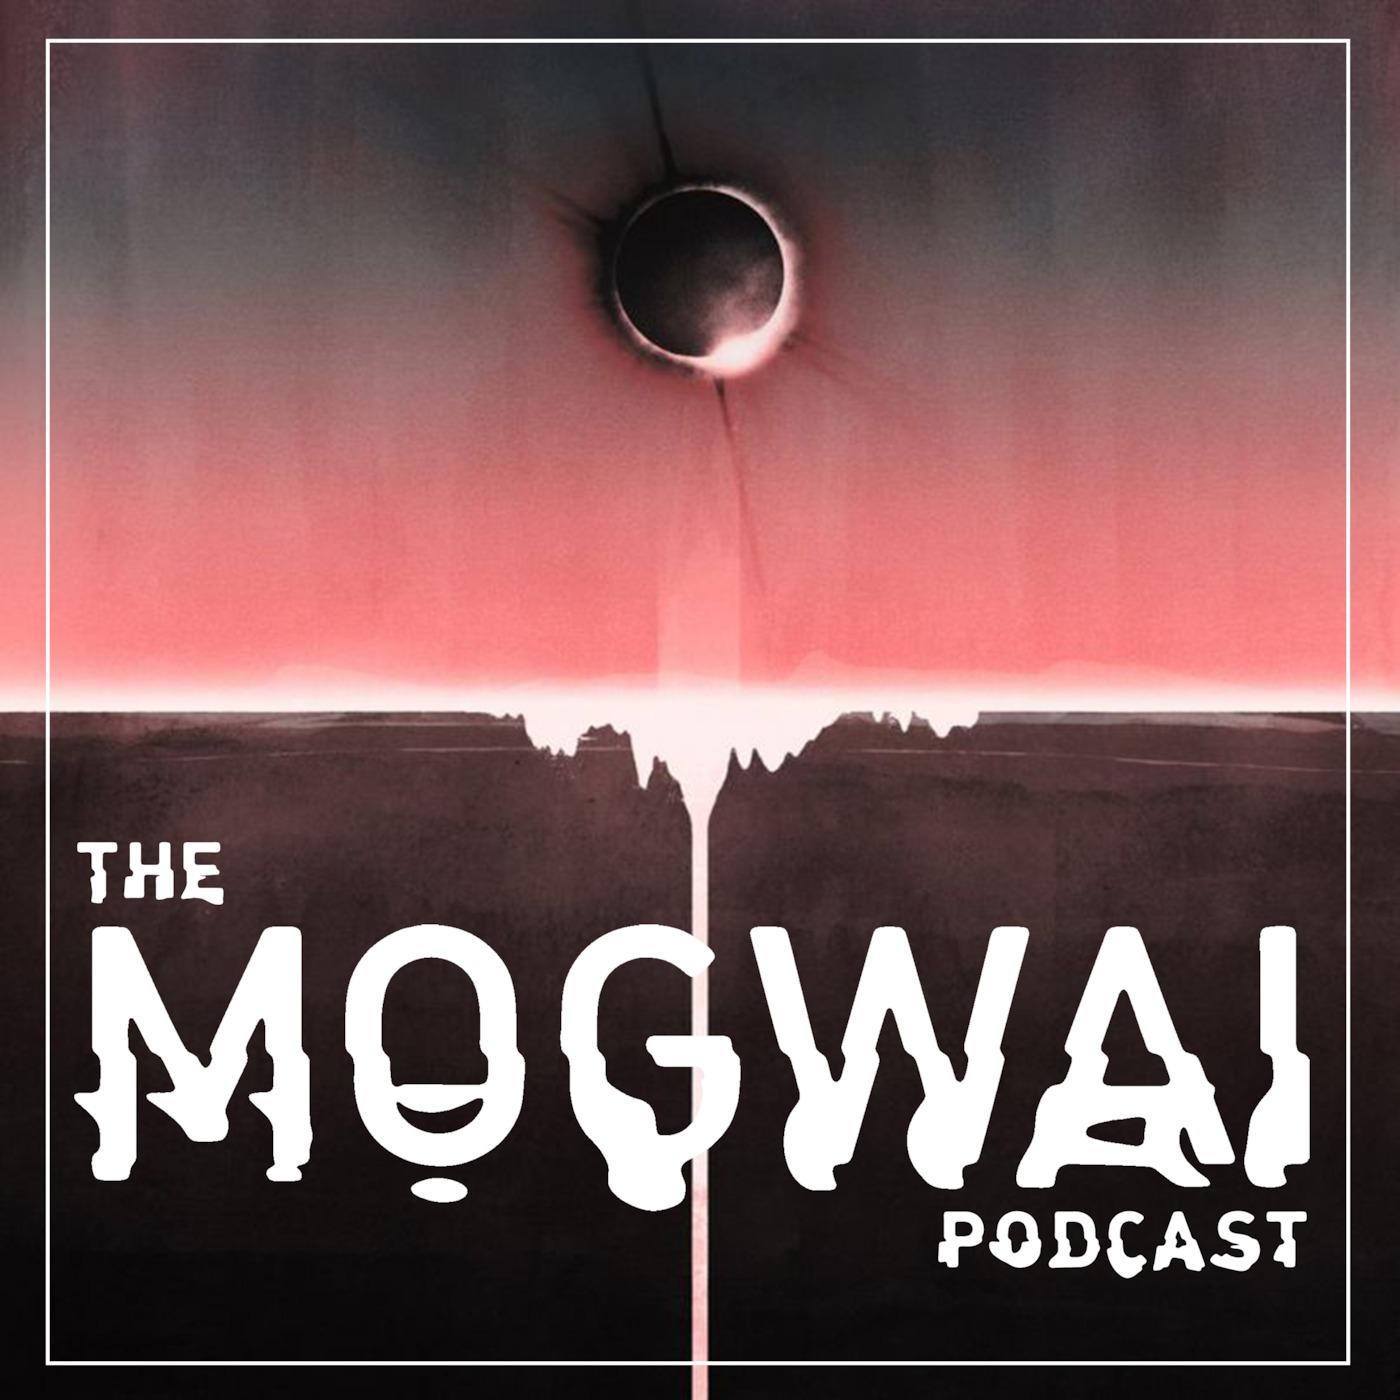 The Mogwai Podcast   Listen via Stitcher for Podcasts